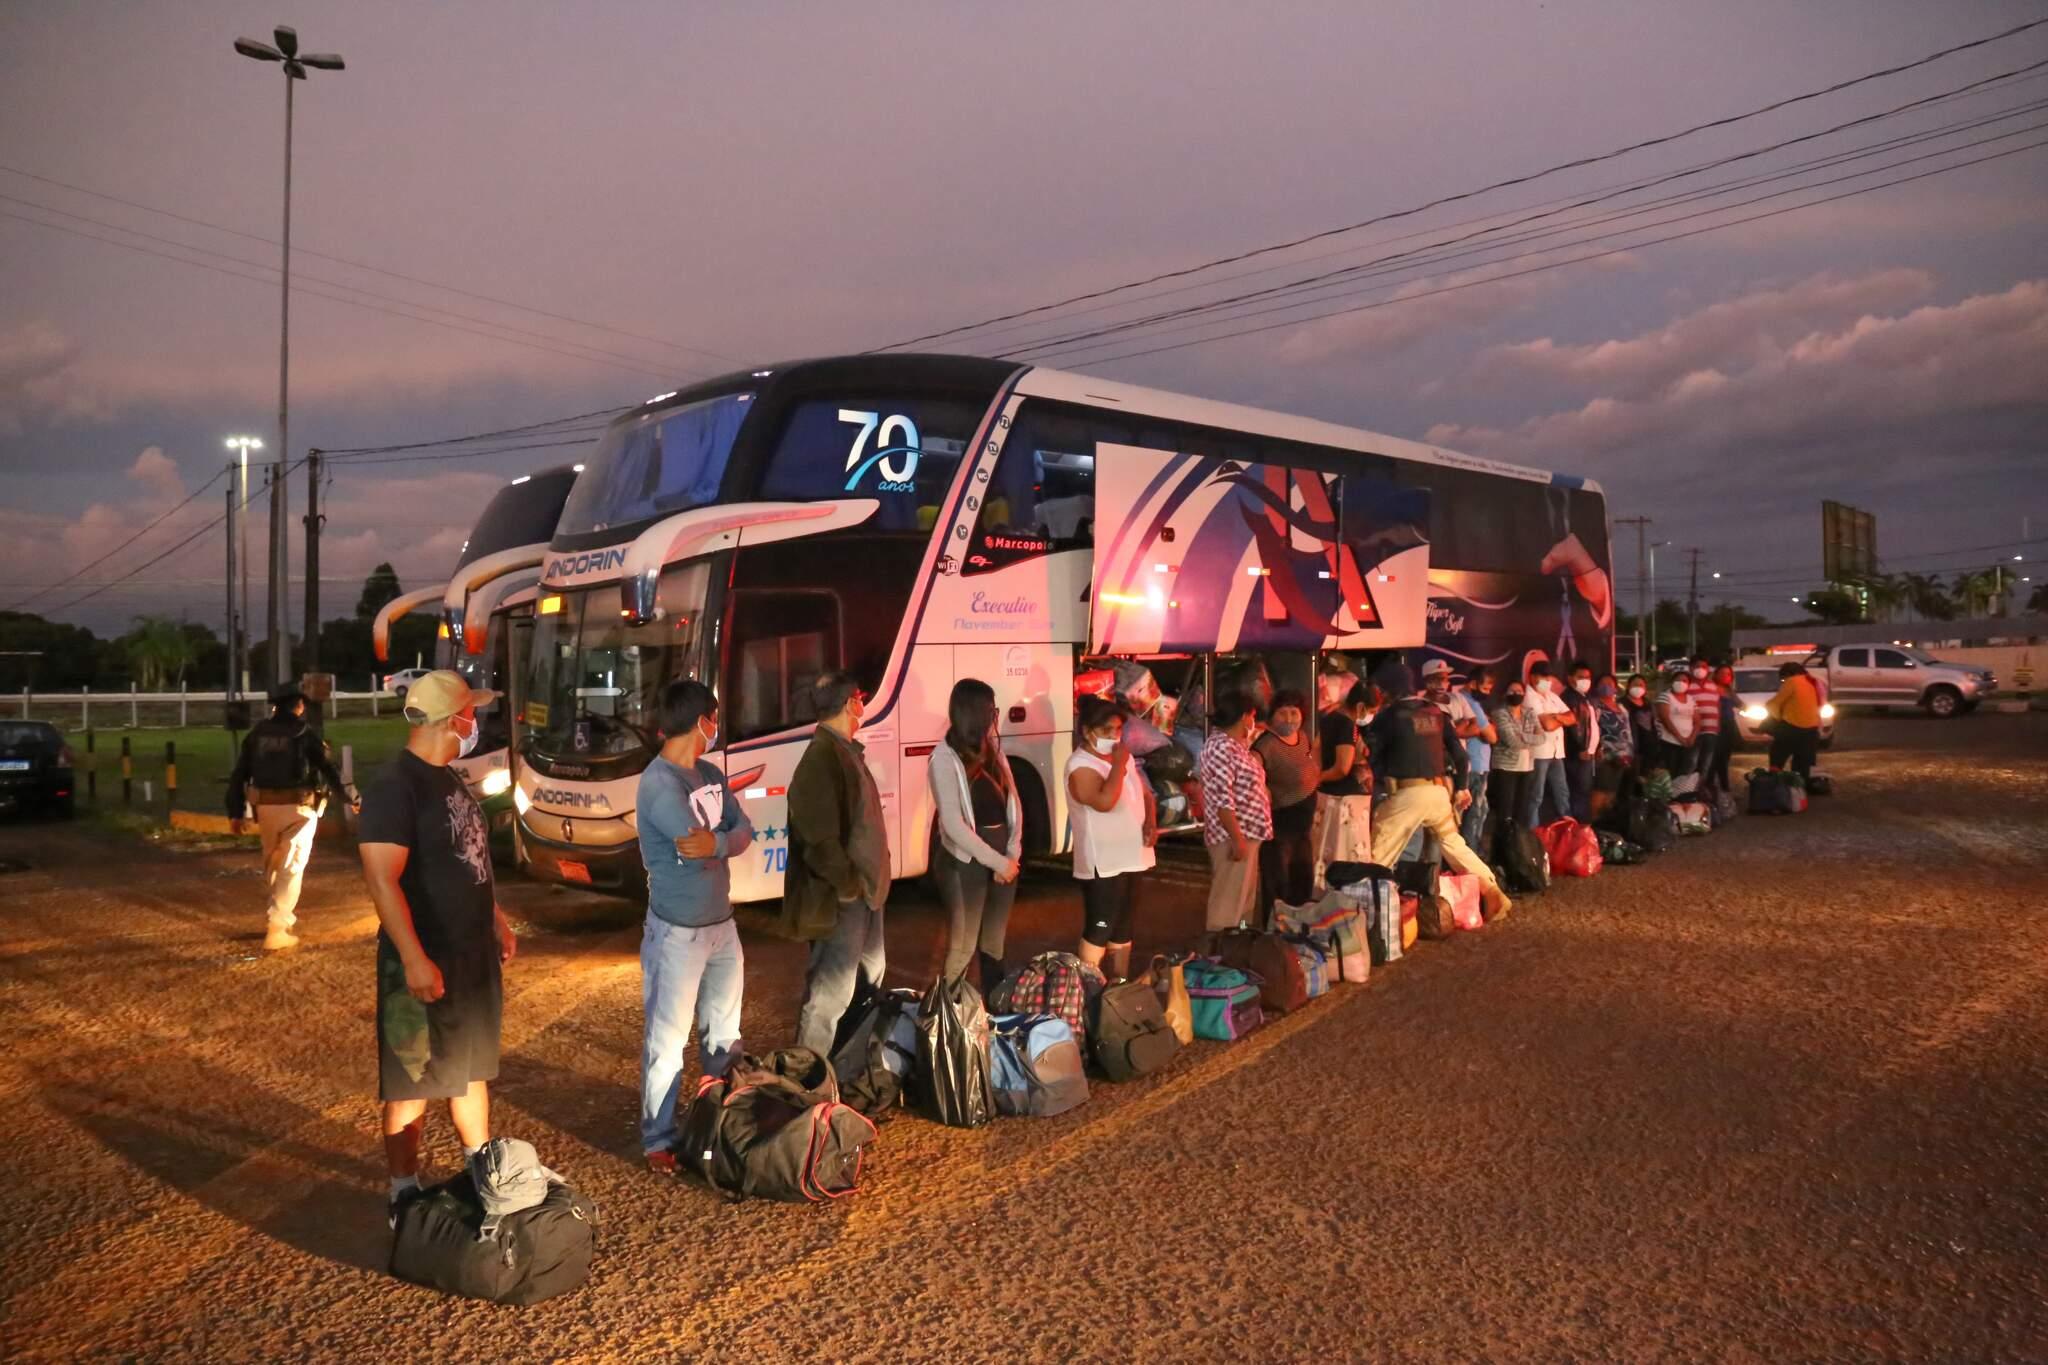 Bolivianos aguardando enquanto policiais verificavam a documentação e a bagagem deles (Foto: Paulo Francis)